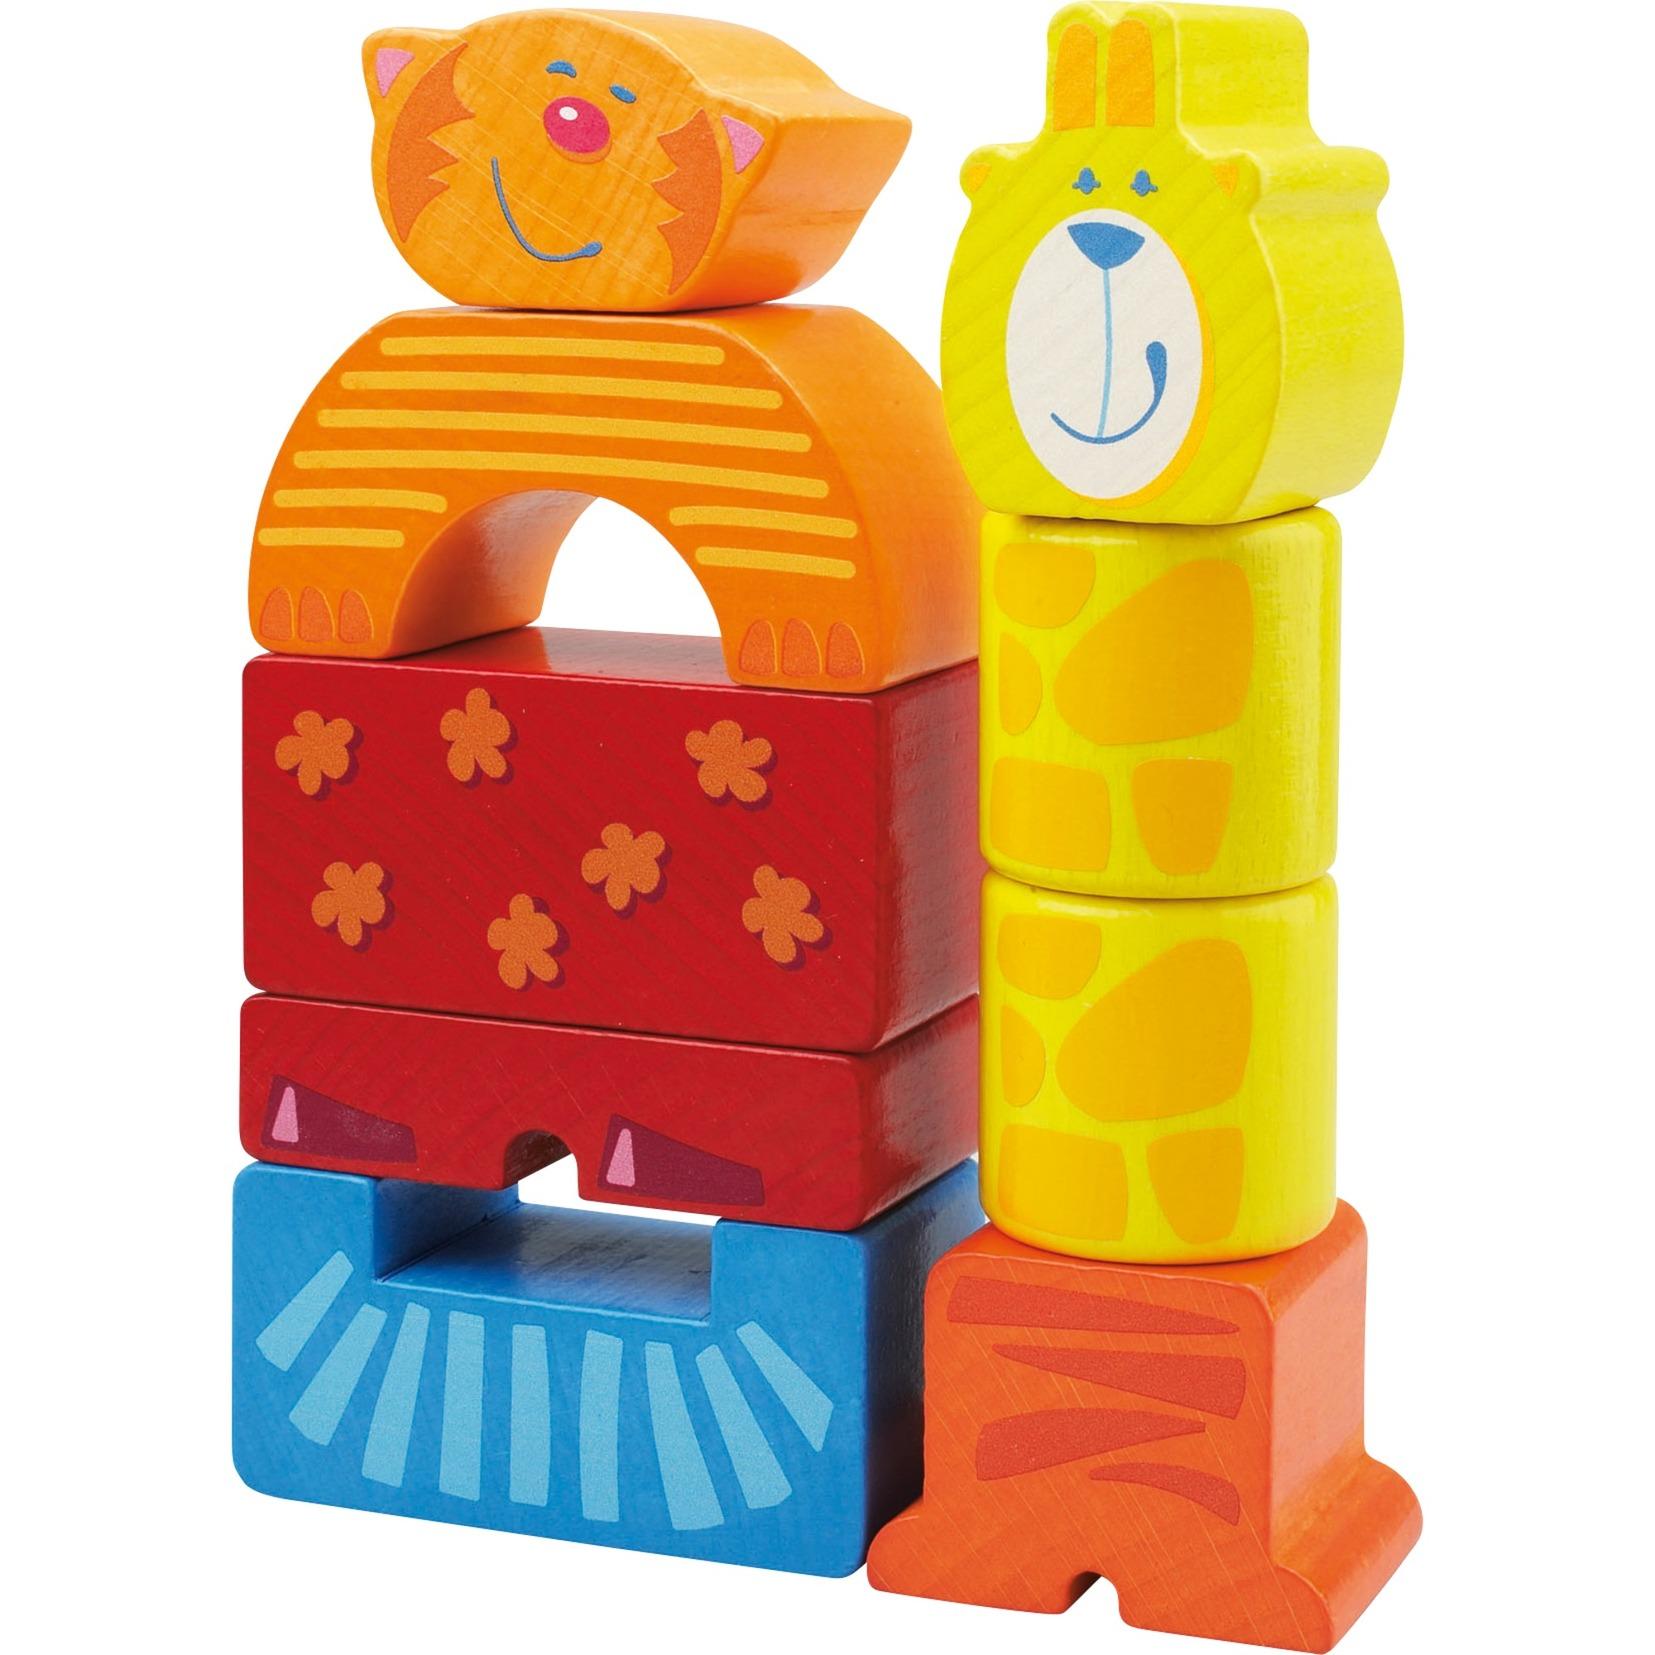 002356 9pieza(s) bloque de construcción de juguete, Bloques de construcción